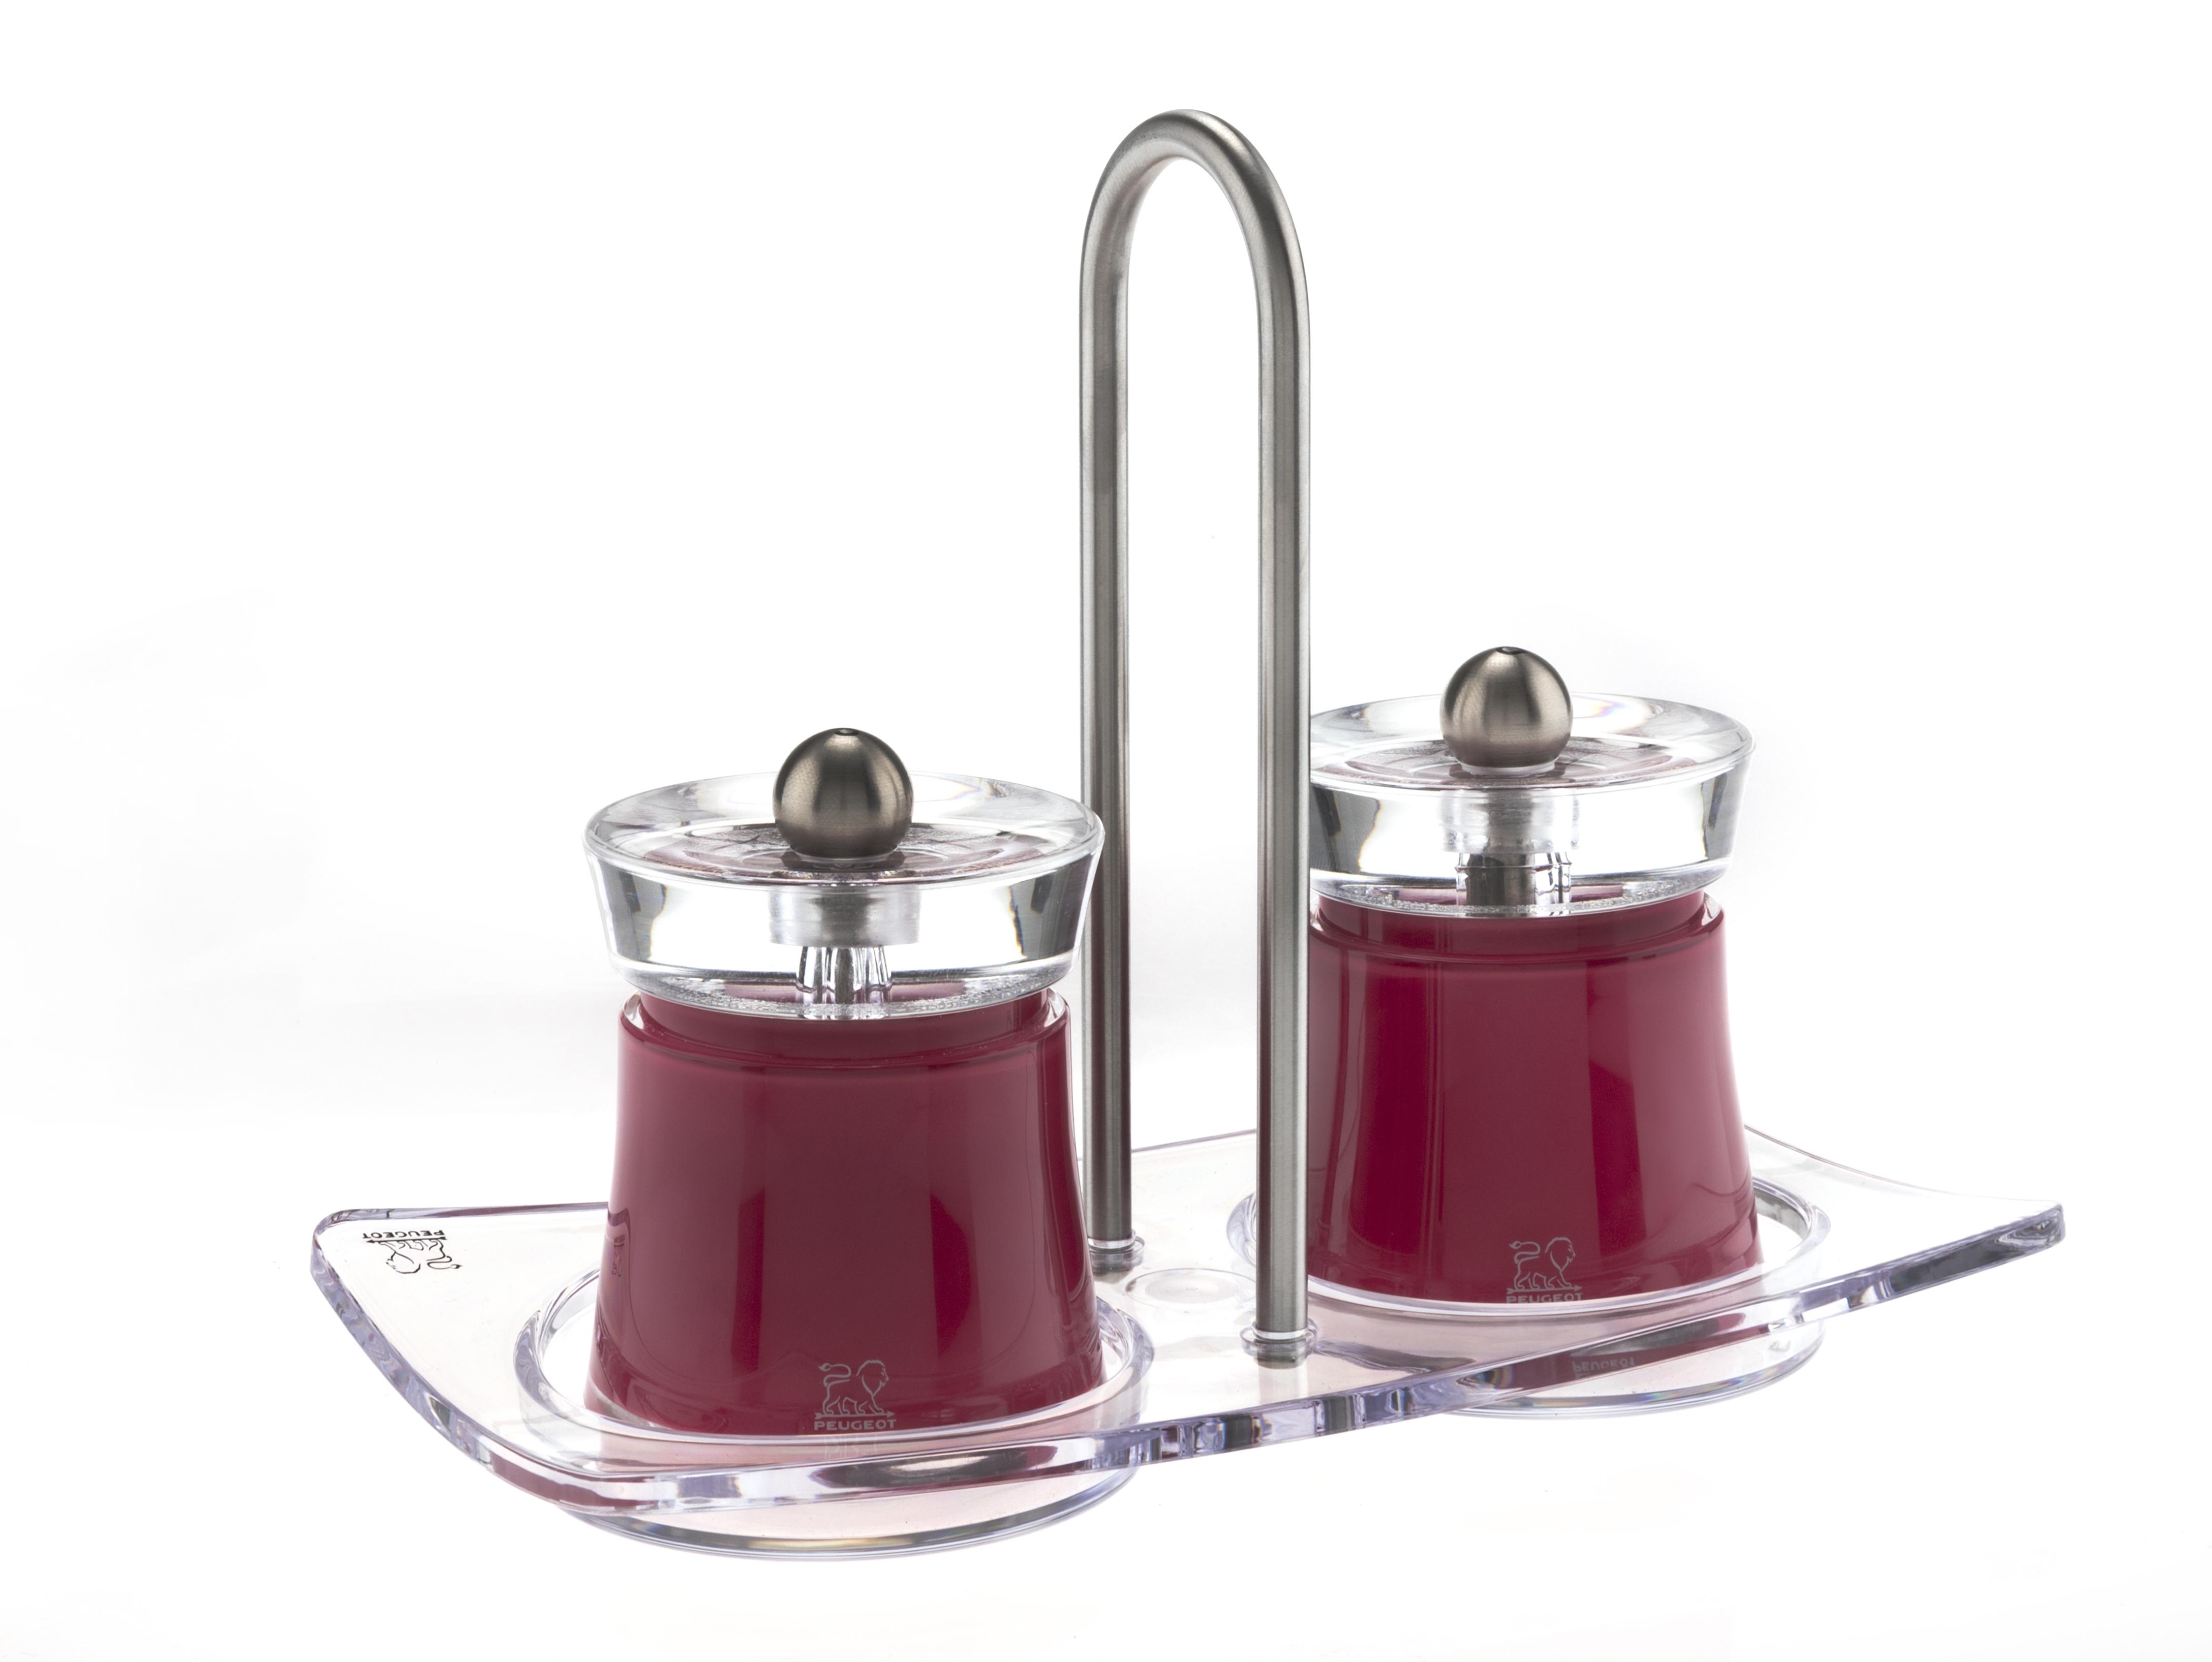 Набор мельниц Bali Peugeot для перца и соли, цвет красный + подставка Linea, акрил